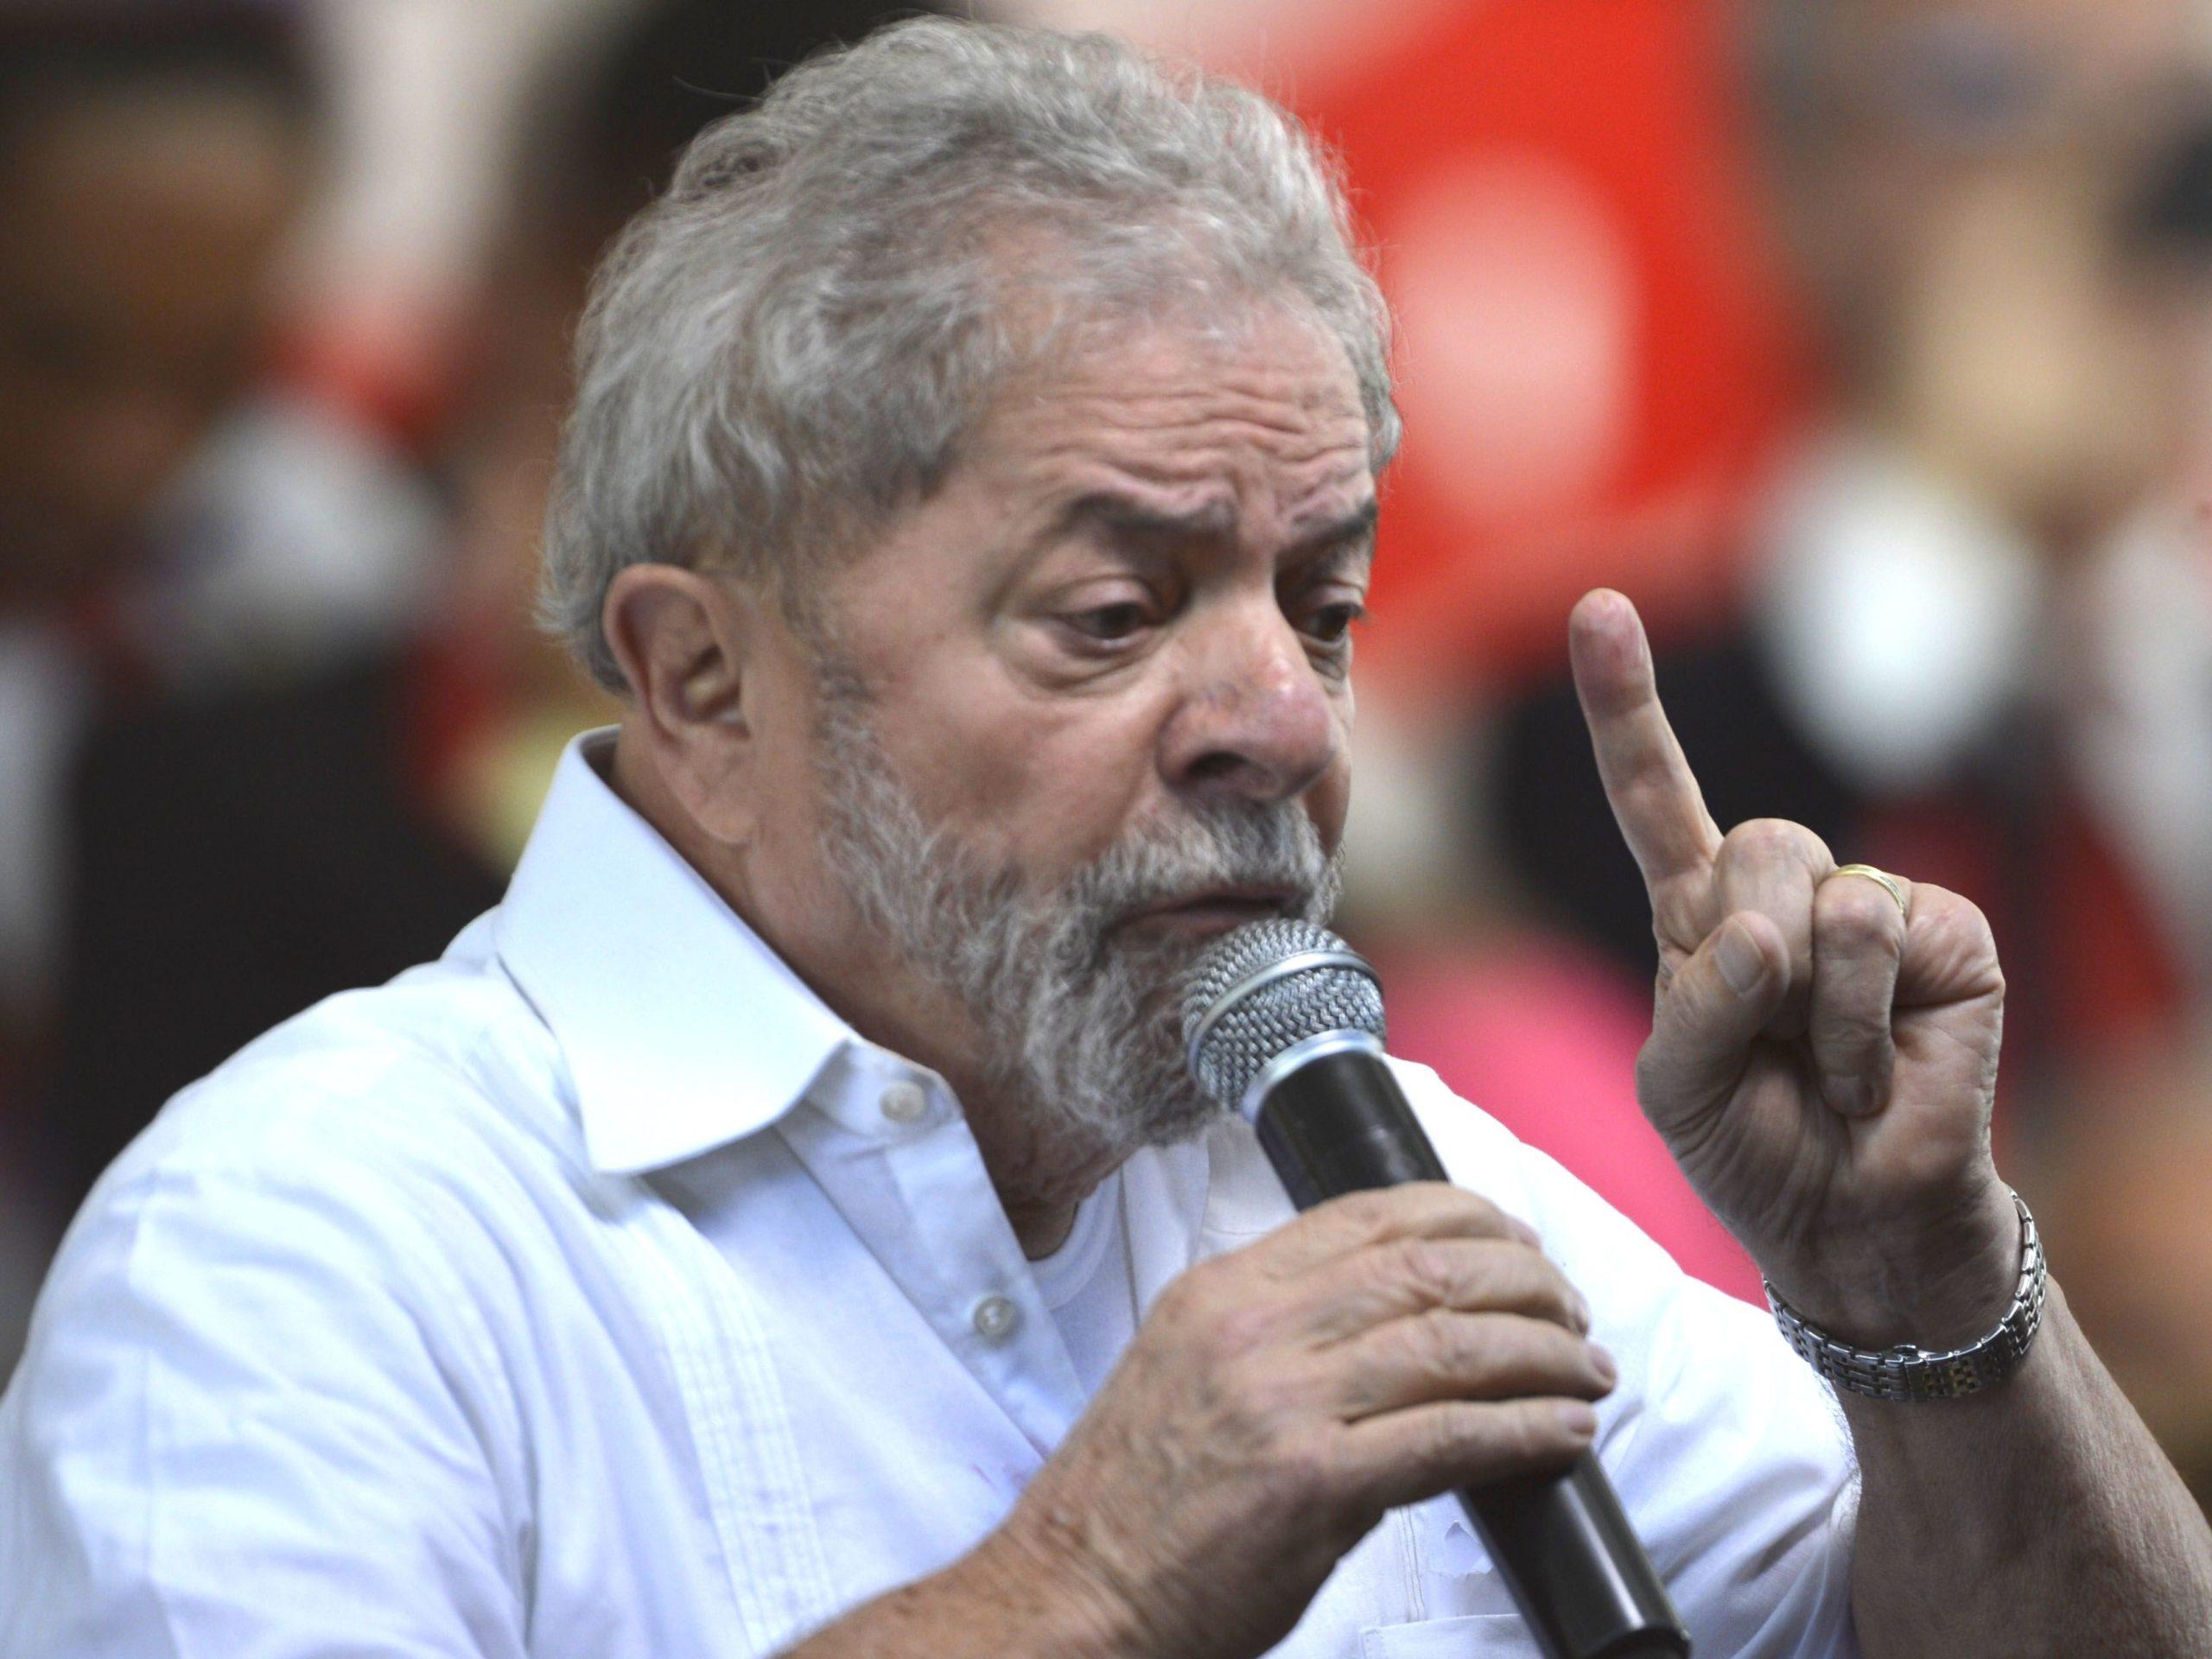 Rachel Dodge se manifesta contrária à concessão de Habeas Corpus ao ex-presidente Lula